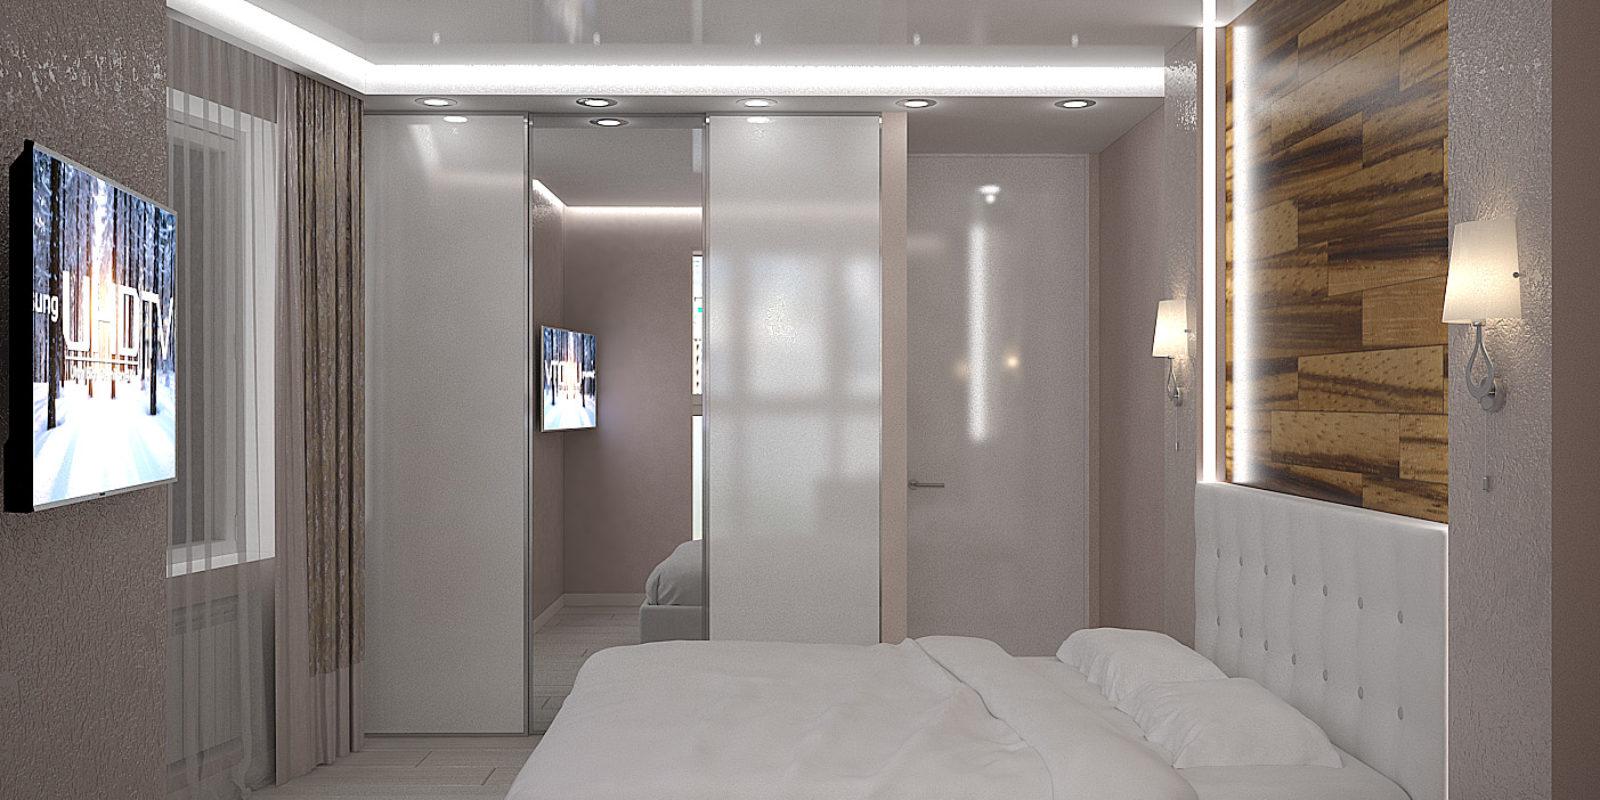 Дизайн проект трехкомнатной квартиры. Спальня.